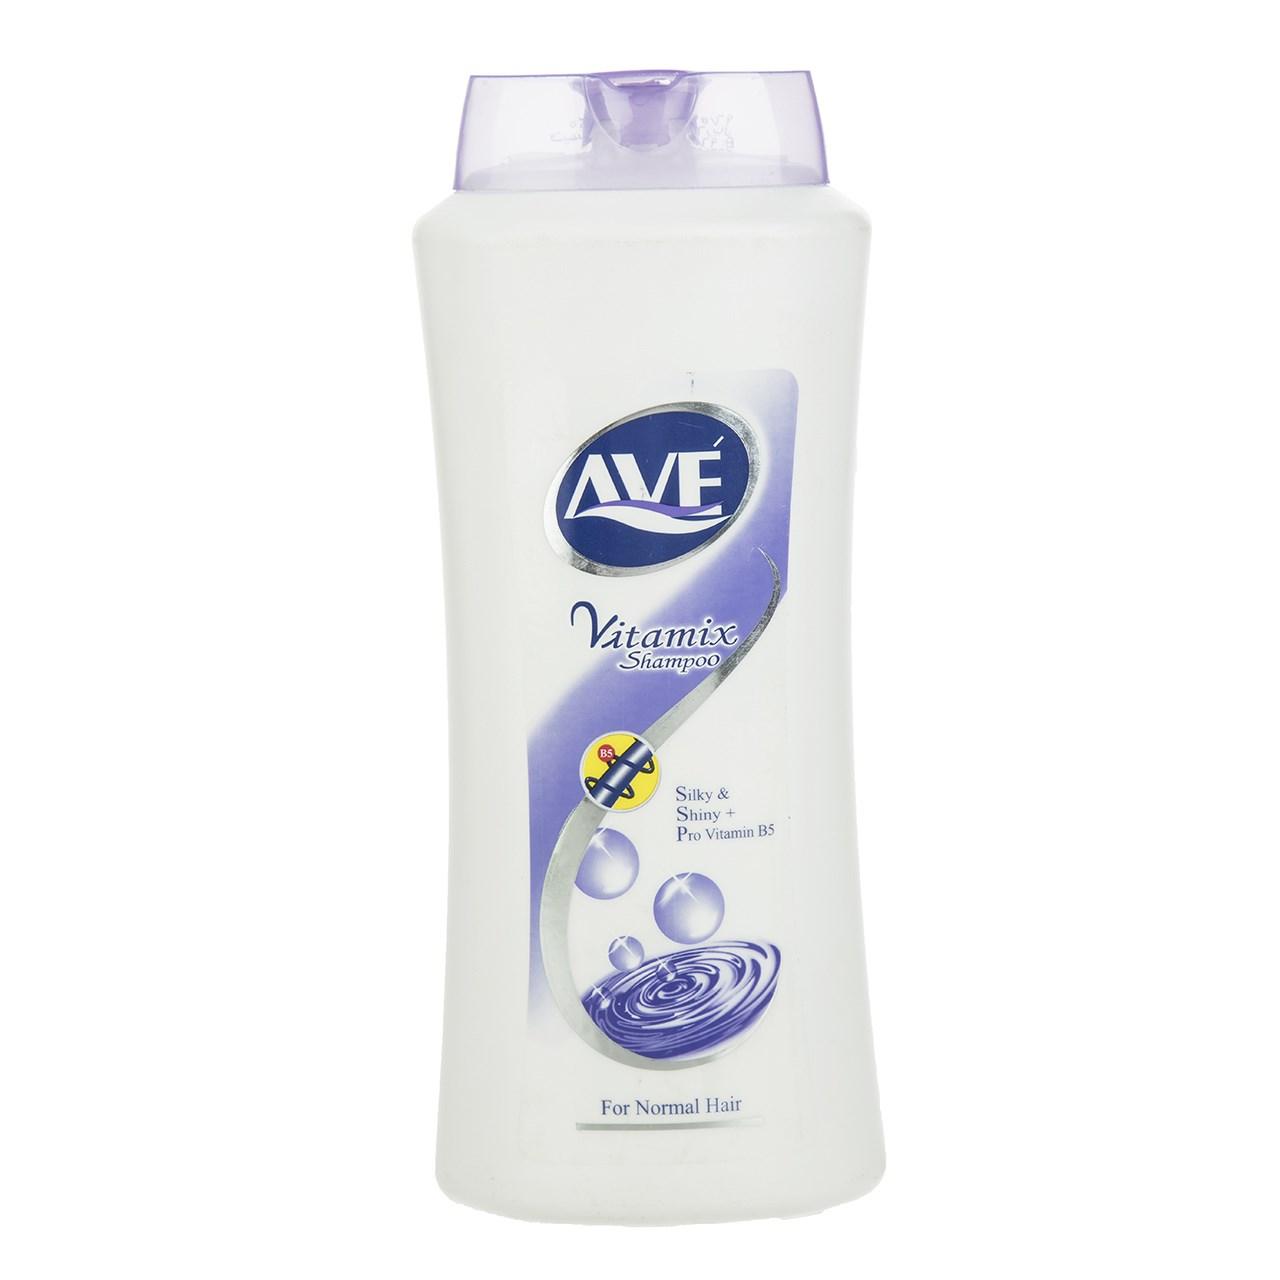 شامپو موهای معمولی اوه سری Vitamix مقدار 750 گرم